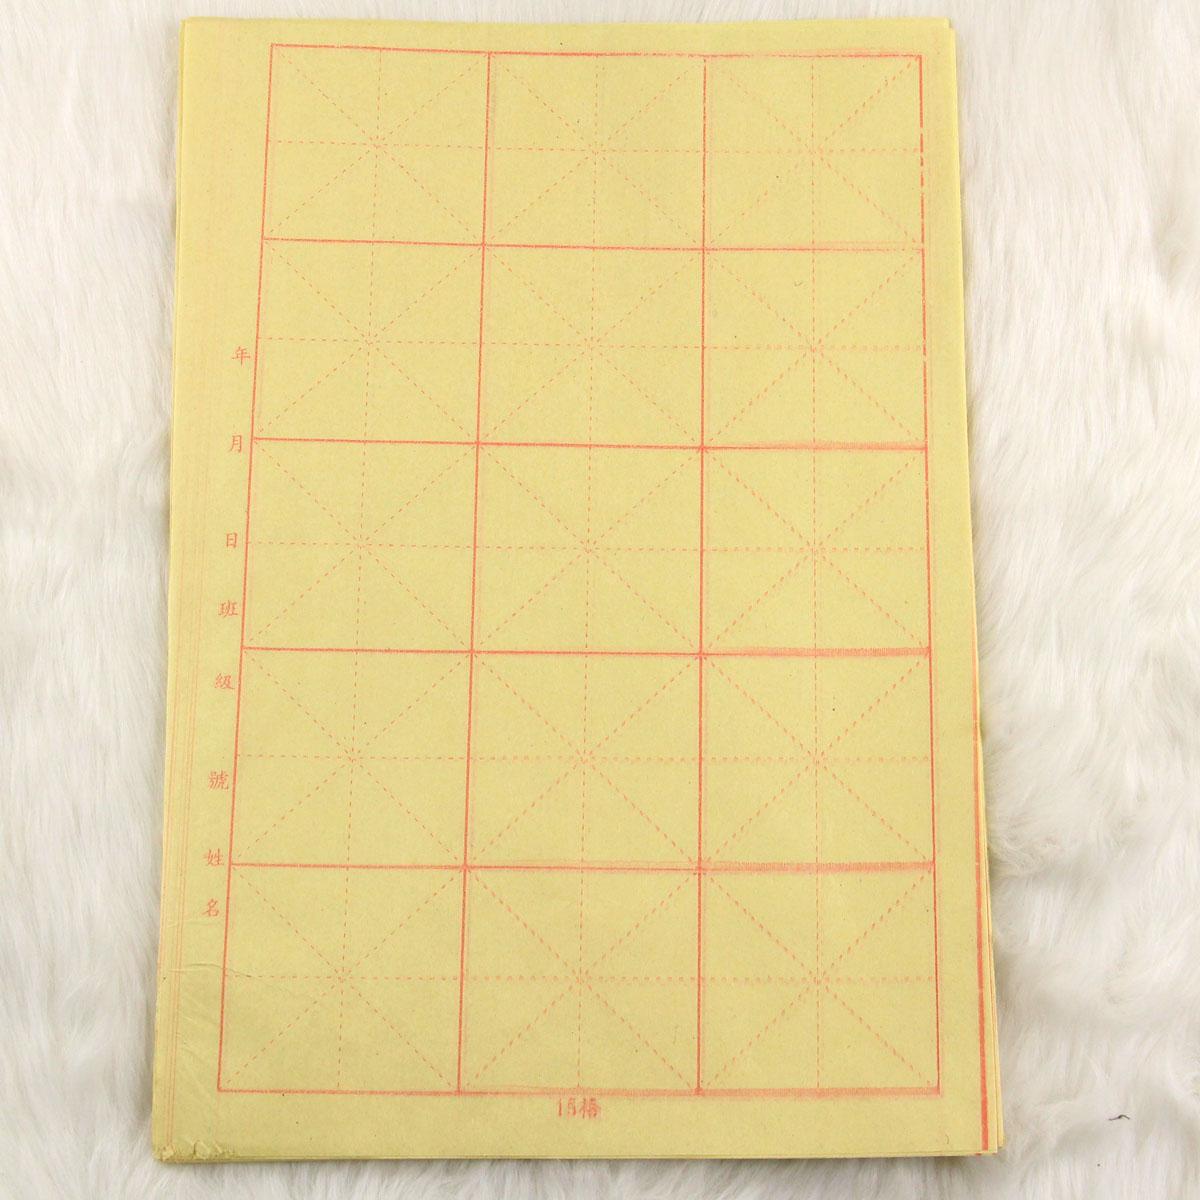 毛笔书法纸_毛笔书法练习纸米字_机制书法纸毛笔书法练习